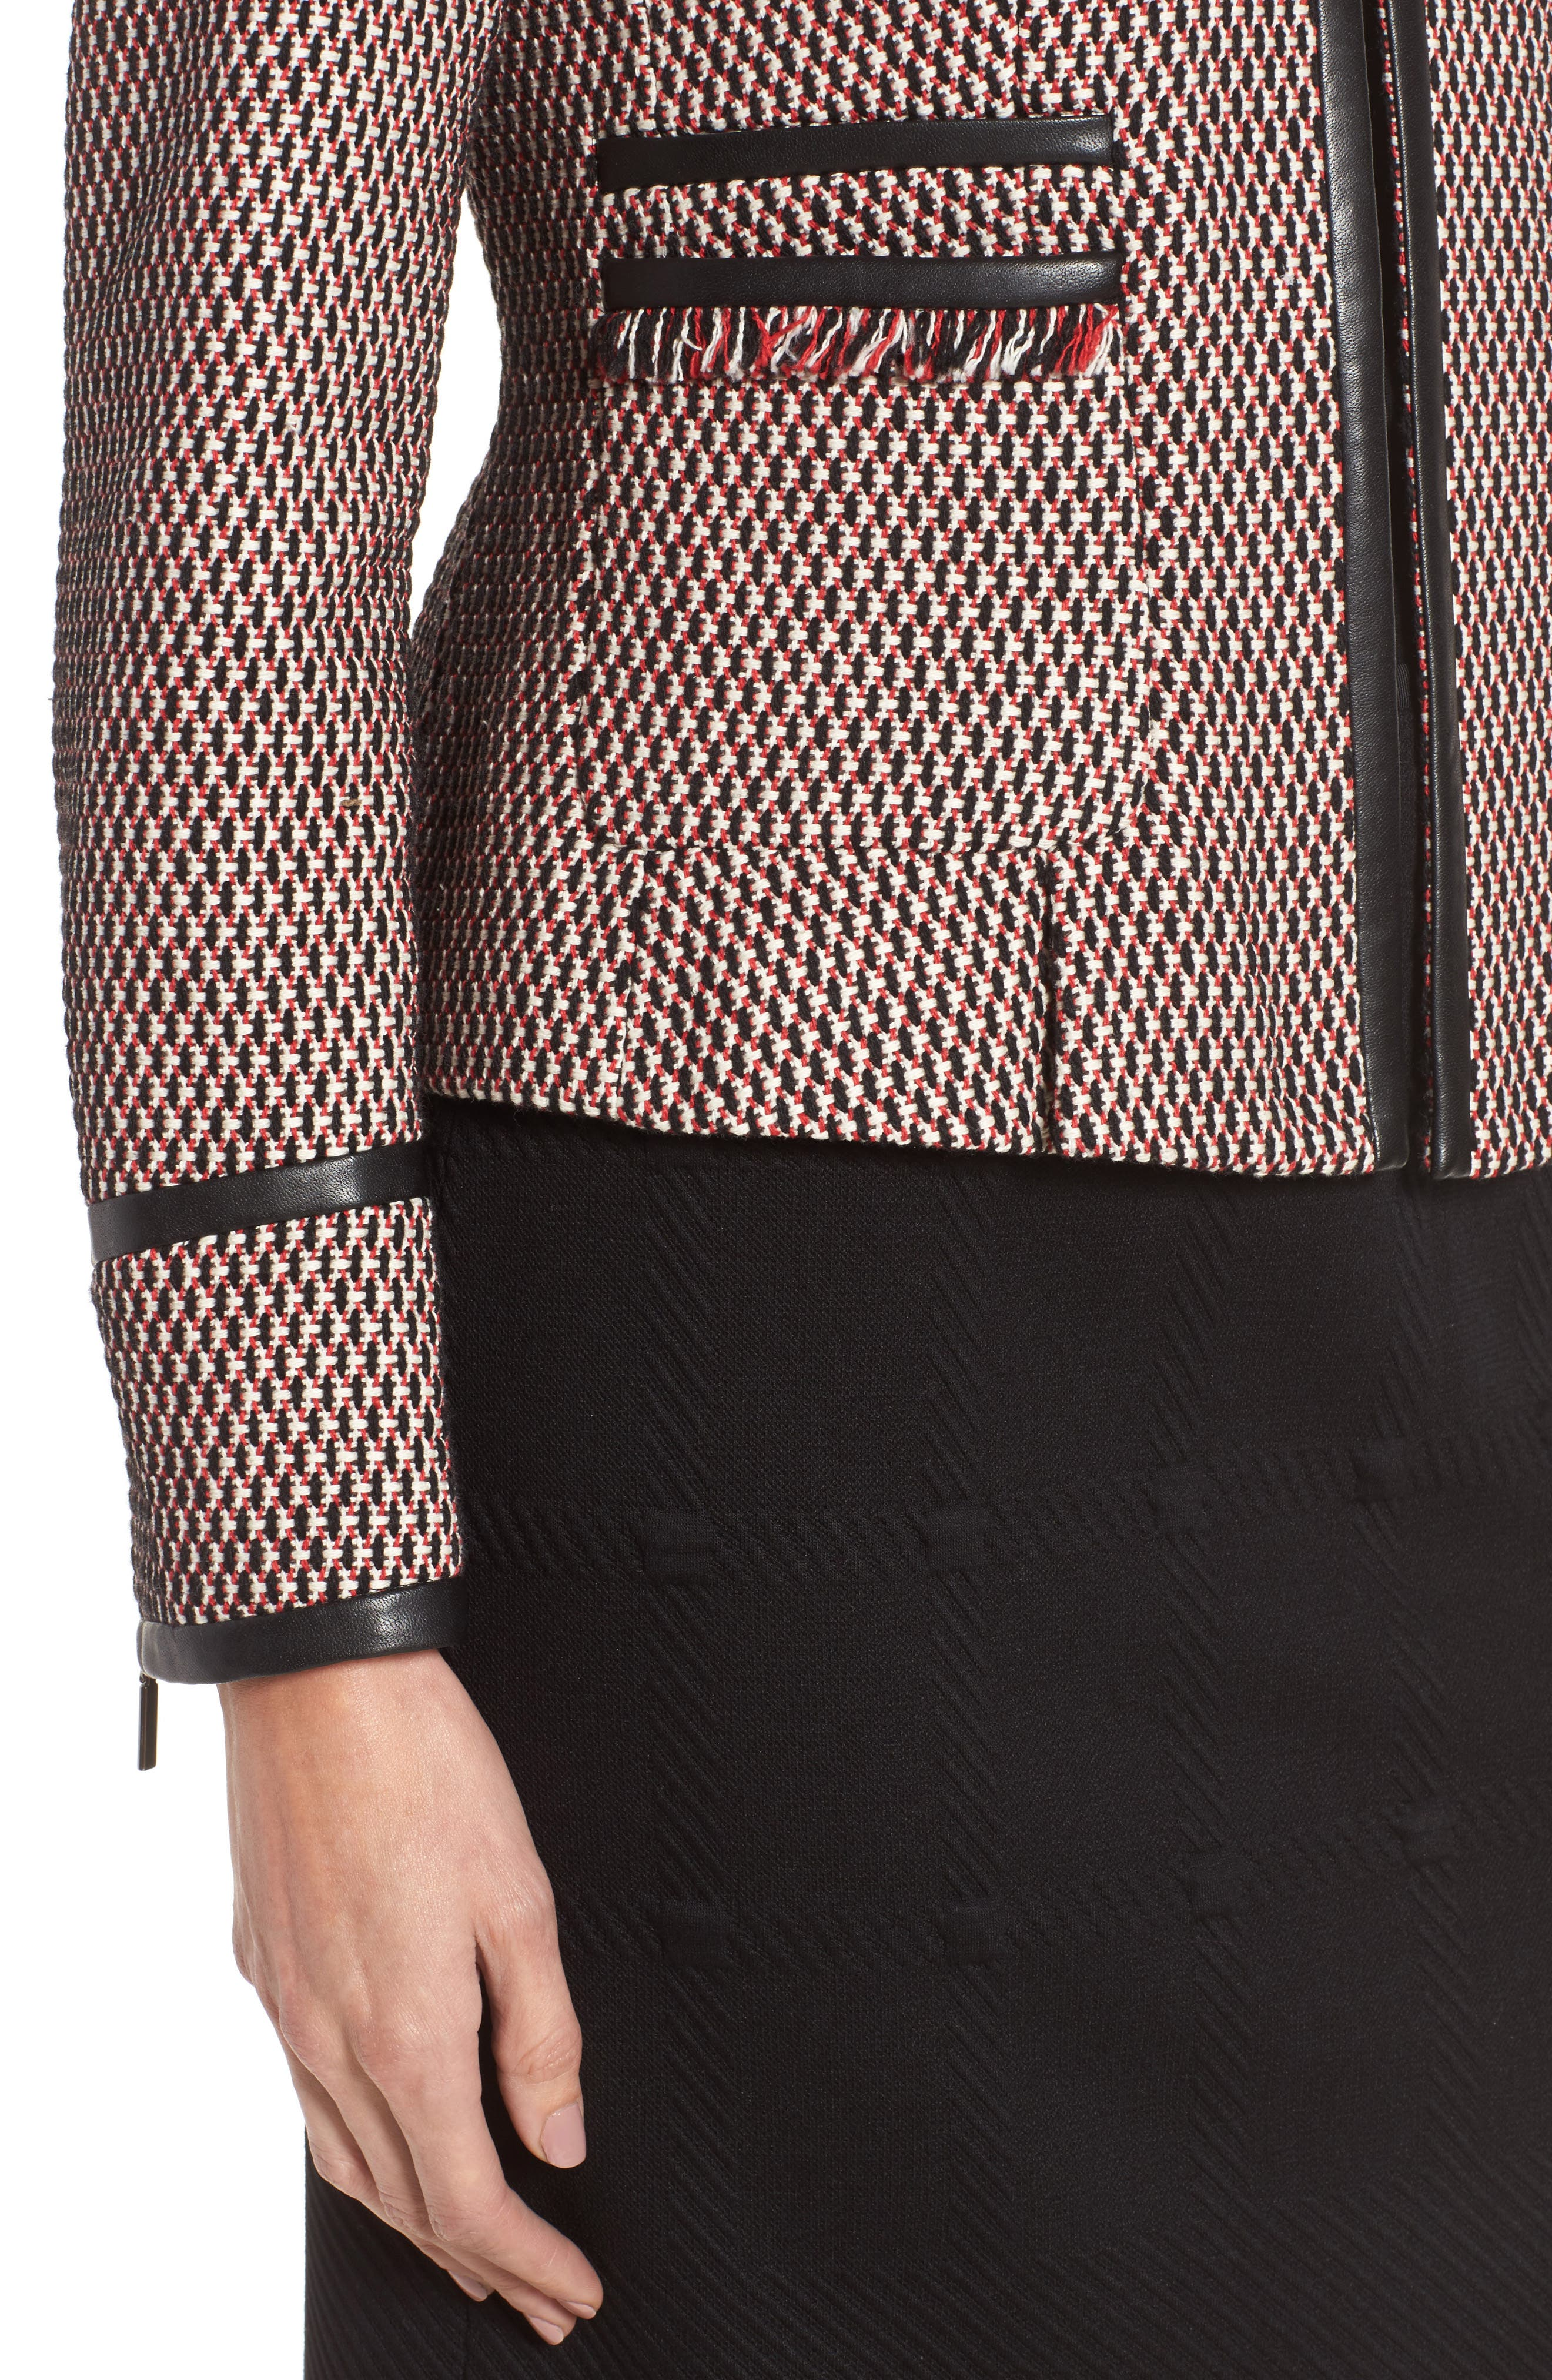 Keili Collarless Tweed Jacket,                             Alternate thumbnail 4, color,                             903